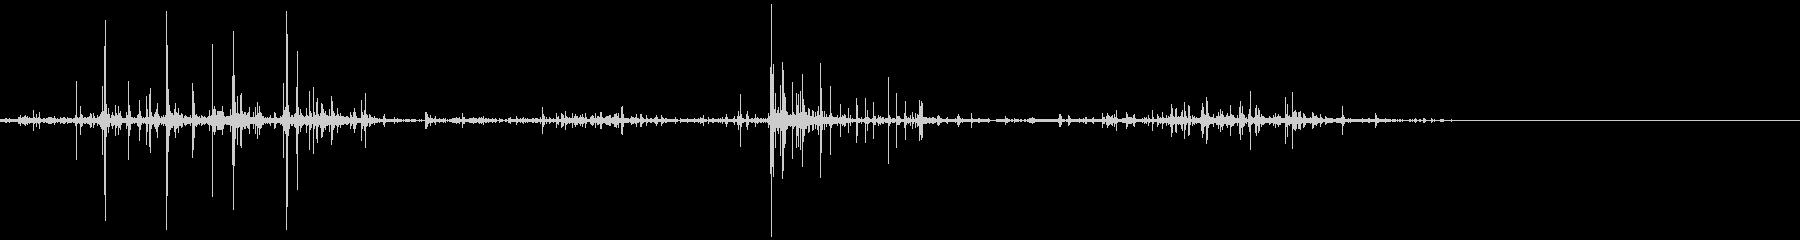 キリキリとした摩擦音 14の未再生の波形